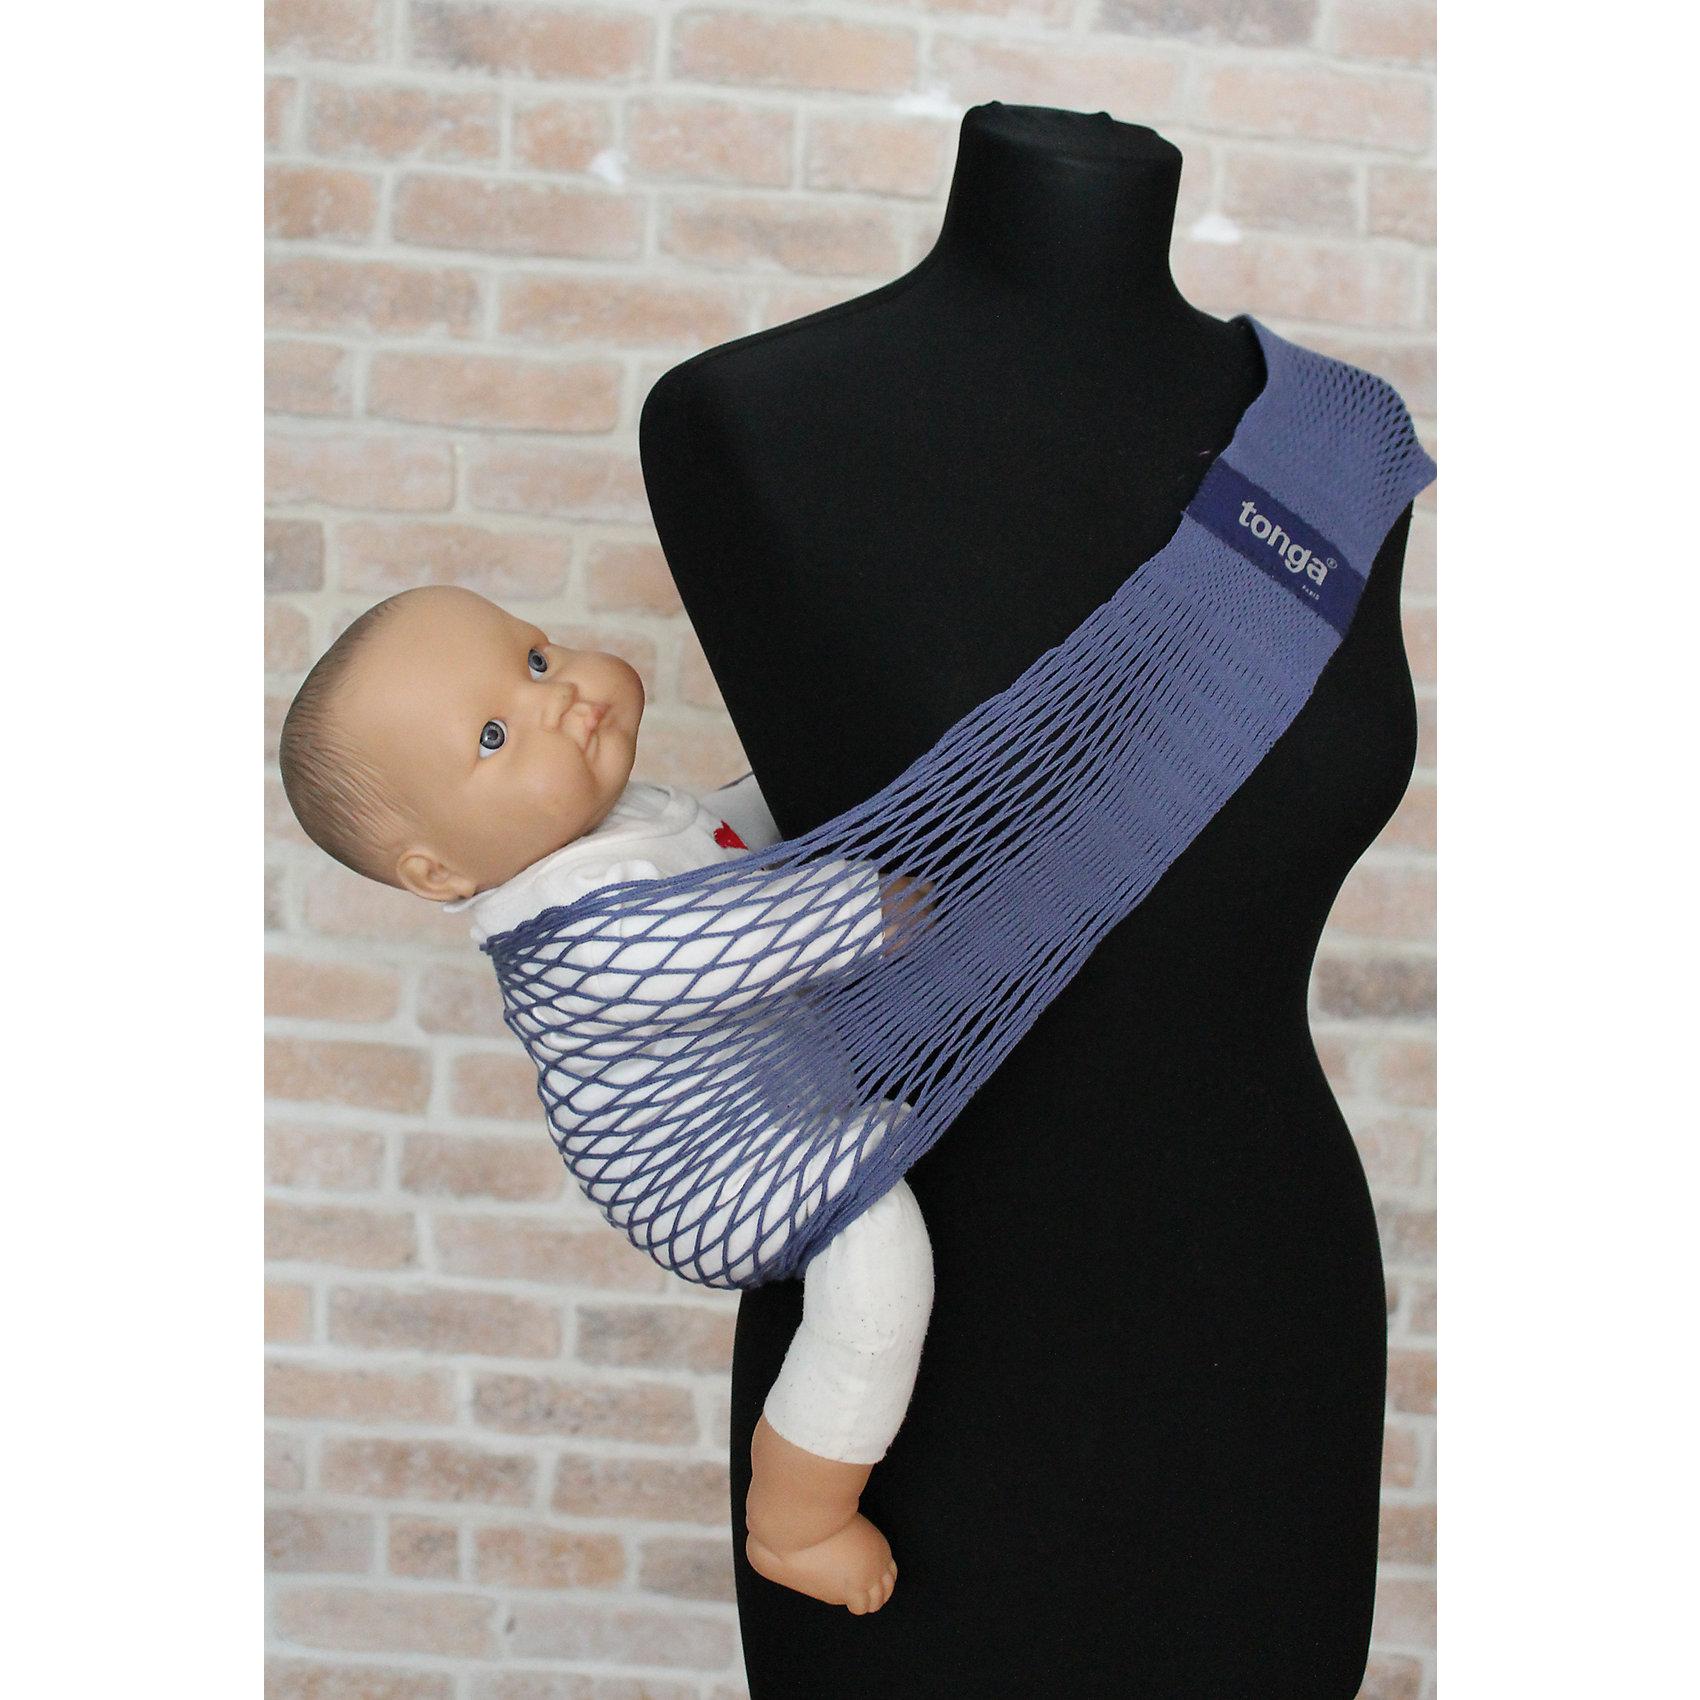 Слинг на бедро, Тонга, Filt, jean/джинсовыйСлинги и рюкзаки-переноски<br>Характеристики:<br><br>• разработан совместно с врачами-ортопедами;<br>• обеспечивает оптимальную поддержку ребенка;<br>• легко надевается;<br>• основное положение: на бедре;<br>• подходит для автоматической стирки при температуре 30 градусов;<br>• регулируемая длина;<br>• цвет: джинсовый;<br>• материал: хлопок;<br>• возраст ребенка: 6 месяцев-2 года (до 15 кг);<br>• размер слинга: 70х12х15 см;<br>• размер упаковки: 24х12х2 см;<br>• вес: 140 грамм;<br>• страна бренда: Франция.<br><br>Слинг Тонга отлично подойдет для активных мам. Уникальное переплетение из натурального хлопка позволит вам комфортно передвигаться с малышом в любое время года. Слинг окрашен устойчивыми нетоксичными красителями в соответствии с нормами OEKO-TEX. Сетчатое плетение обеспечивает необходимую упругость, а хлопок гарантирует приятную мягкость для ребенка.<br><br>Размер слинга можно регулировать для удобства родителя. Лишнюю часть полотна можно намотать на большую пряжку. Пряжку следует располагать под ключицей или на спине, чтобы избежать неприятного давления на плечо. Центральная часть сделана более широкой для правильного расположения ребенка. Ножки крохи будут разведены в форме  «лягушки», что особенно важно для развития тазобедренных суставов.<br><br>Набедренный слинг подходит для совместного купания  с ребенком. После использования он быстро высыхает, сохраняя прежнюю форму. В сложенном виде Тонга очень компактен, благодаря чему вы всегда сможете  взять его с собой в путешествие или поездку.<br><br>Слинг Тонга подходит для малышей с 5-6-и месяцев до 1,5-2-х лет, весом до 15-и килограммов. Важно, чтобы ребенок умел самостоятельно держать голову и спинку. Размер слинга в разложенном виде: 70х12х15 сантиметров.<br><br>Слинг на бедро, Тонга, Filt (Филт), jean/джинсовый можно купить в нашем интернет-магазине.<br><br>Ширина мм: 800<br>Глубина мм: 800<br>Высота мм: 50<br>Вес г: 500<br>Возраст от месяцев: 0<br>Возраст до м